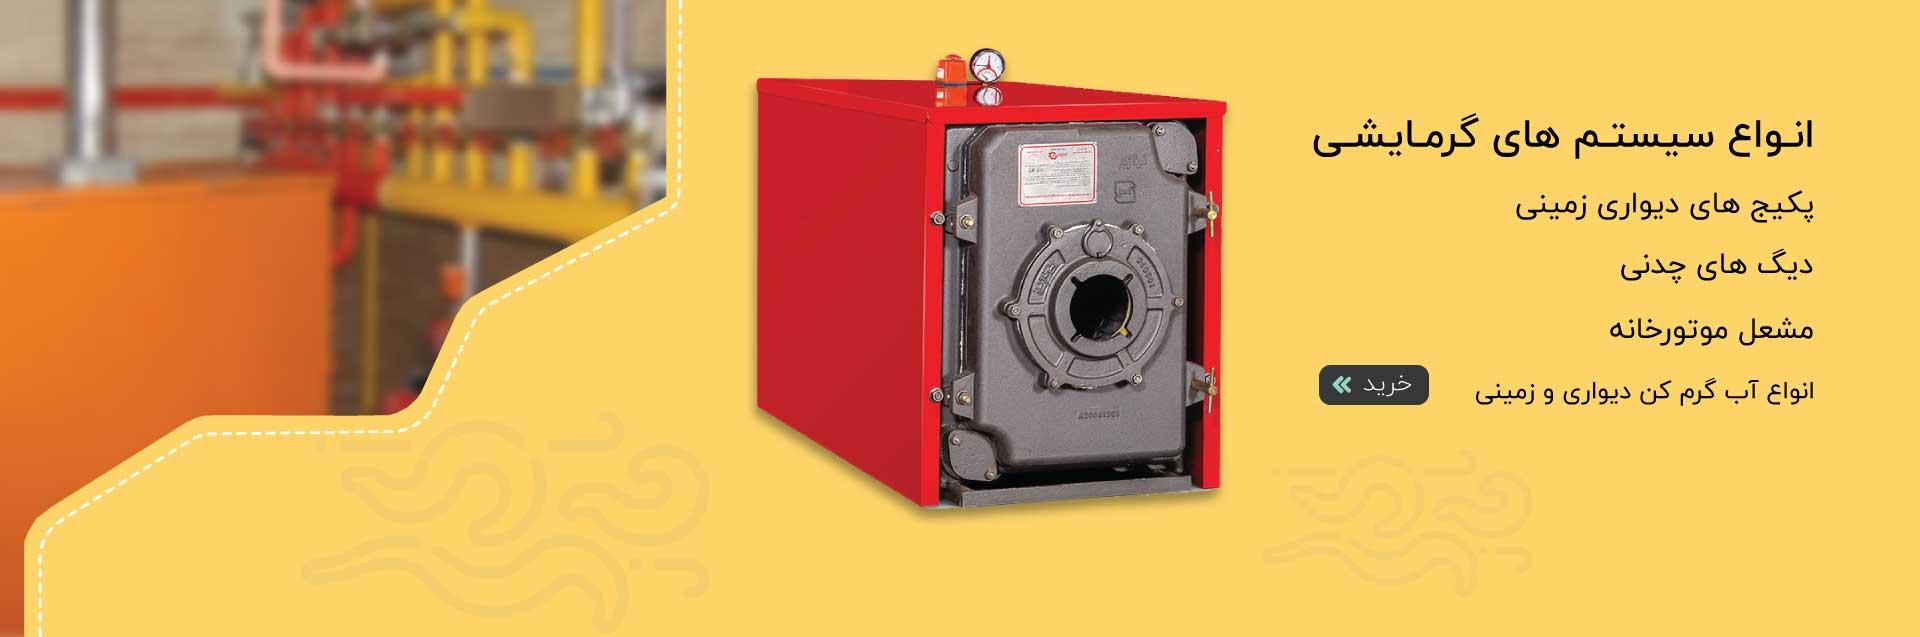 سیستم های گرمایشی بویلر چدنی  - ستایش سنتر